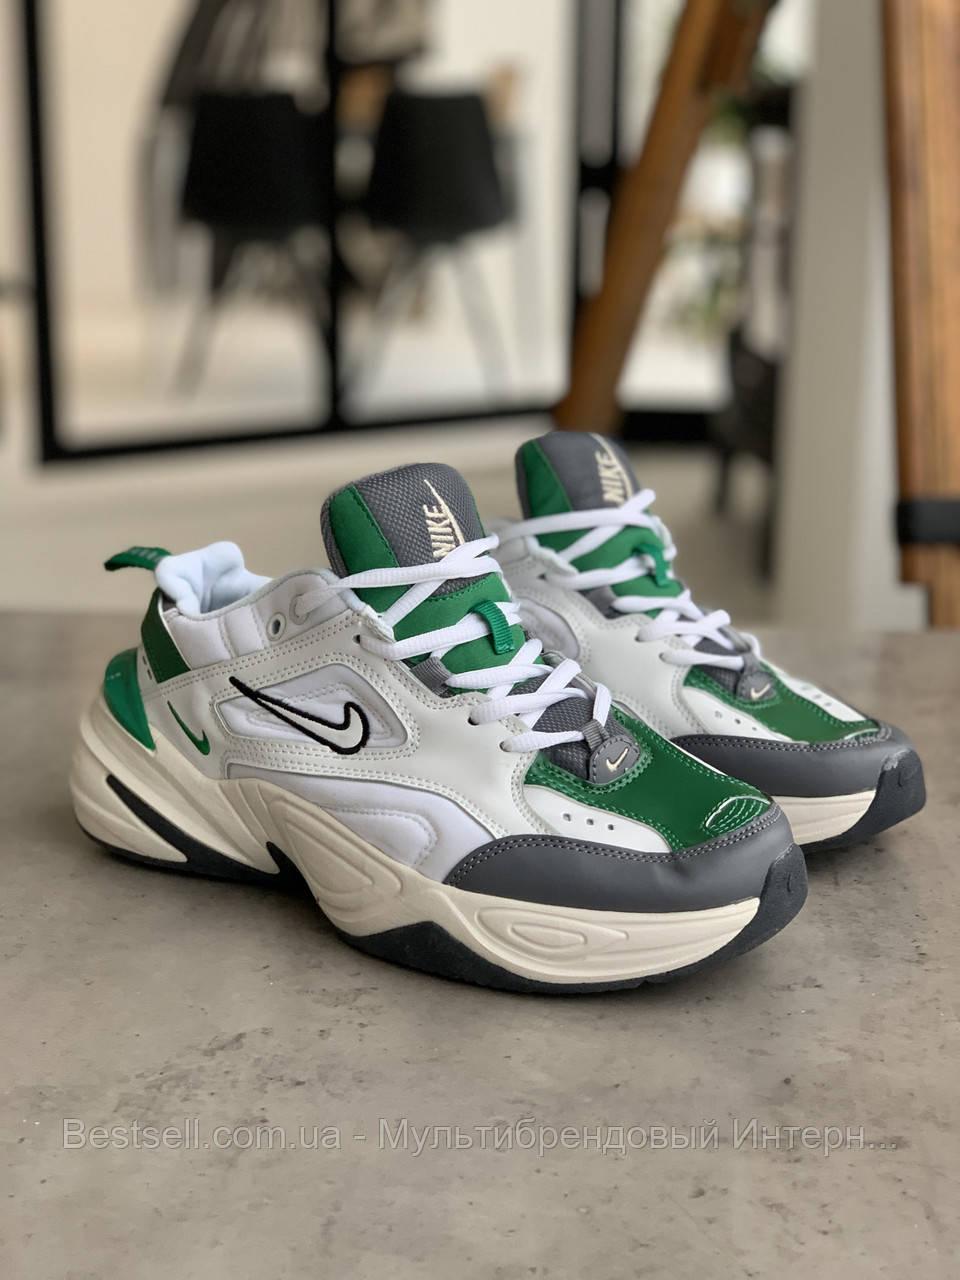 Кроссовки Nike M2K Tekno Найк М2К Текно  (40,41,42,43,44,45)